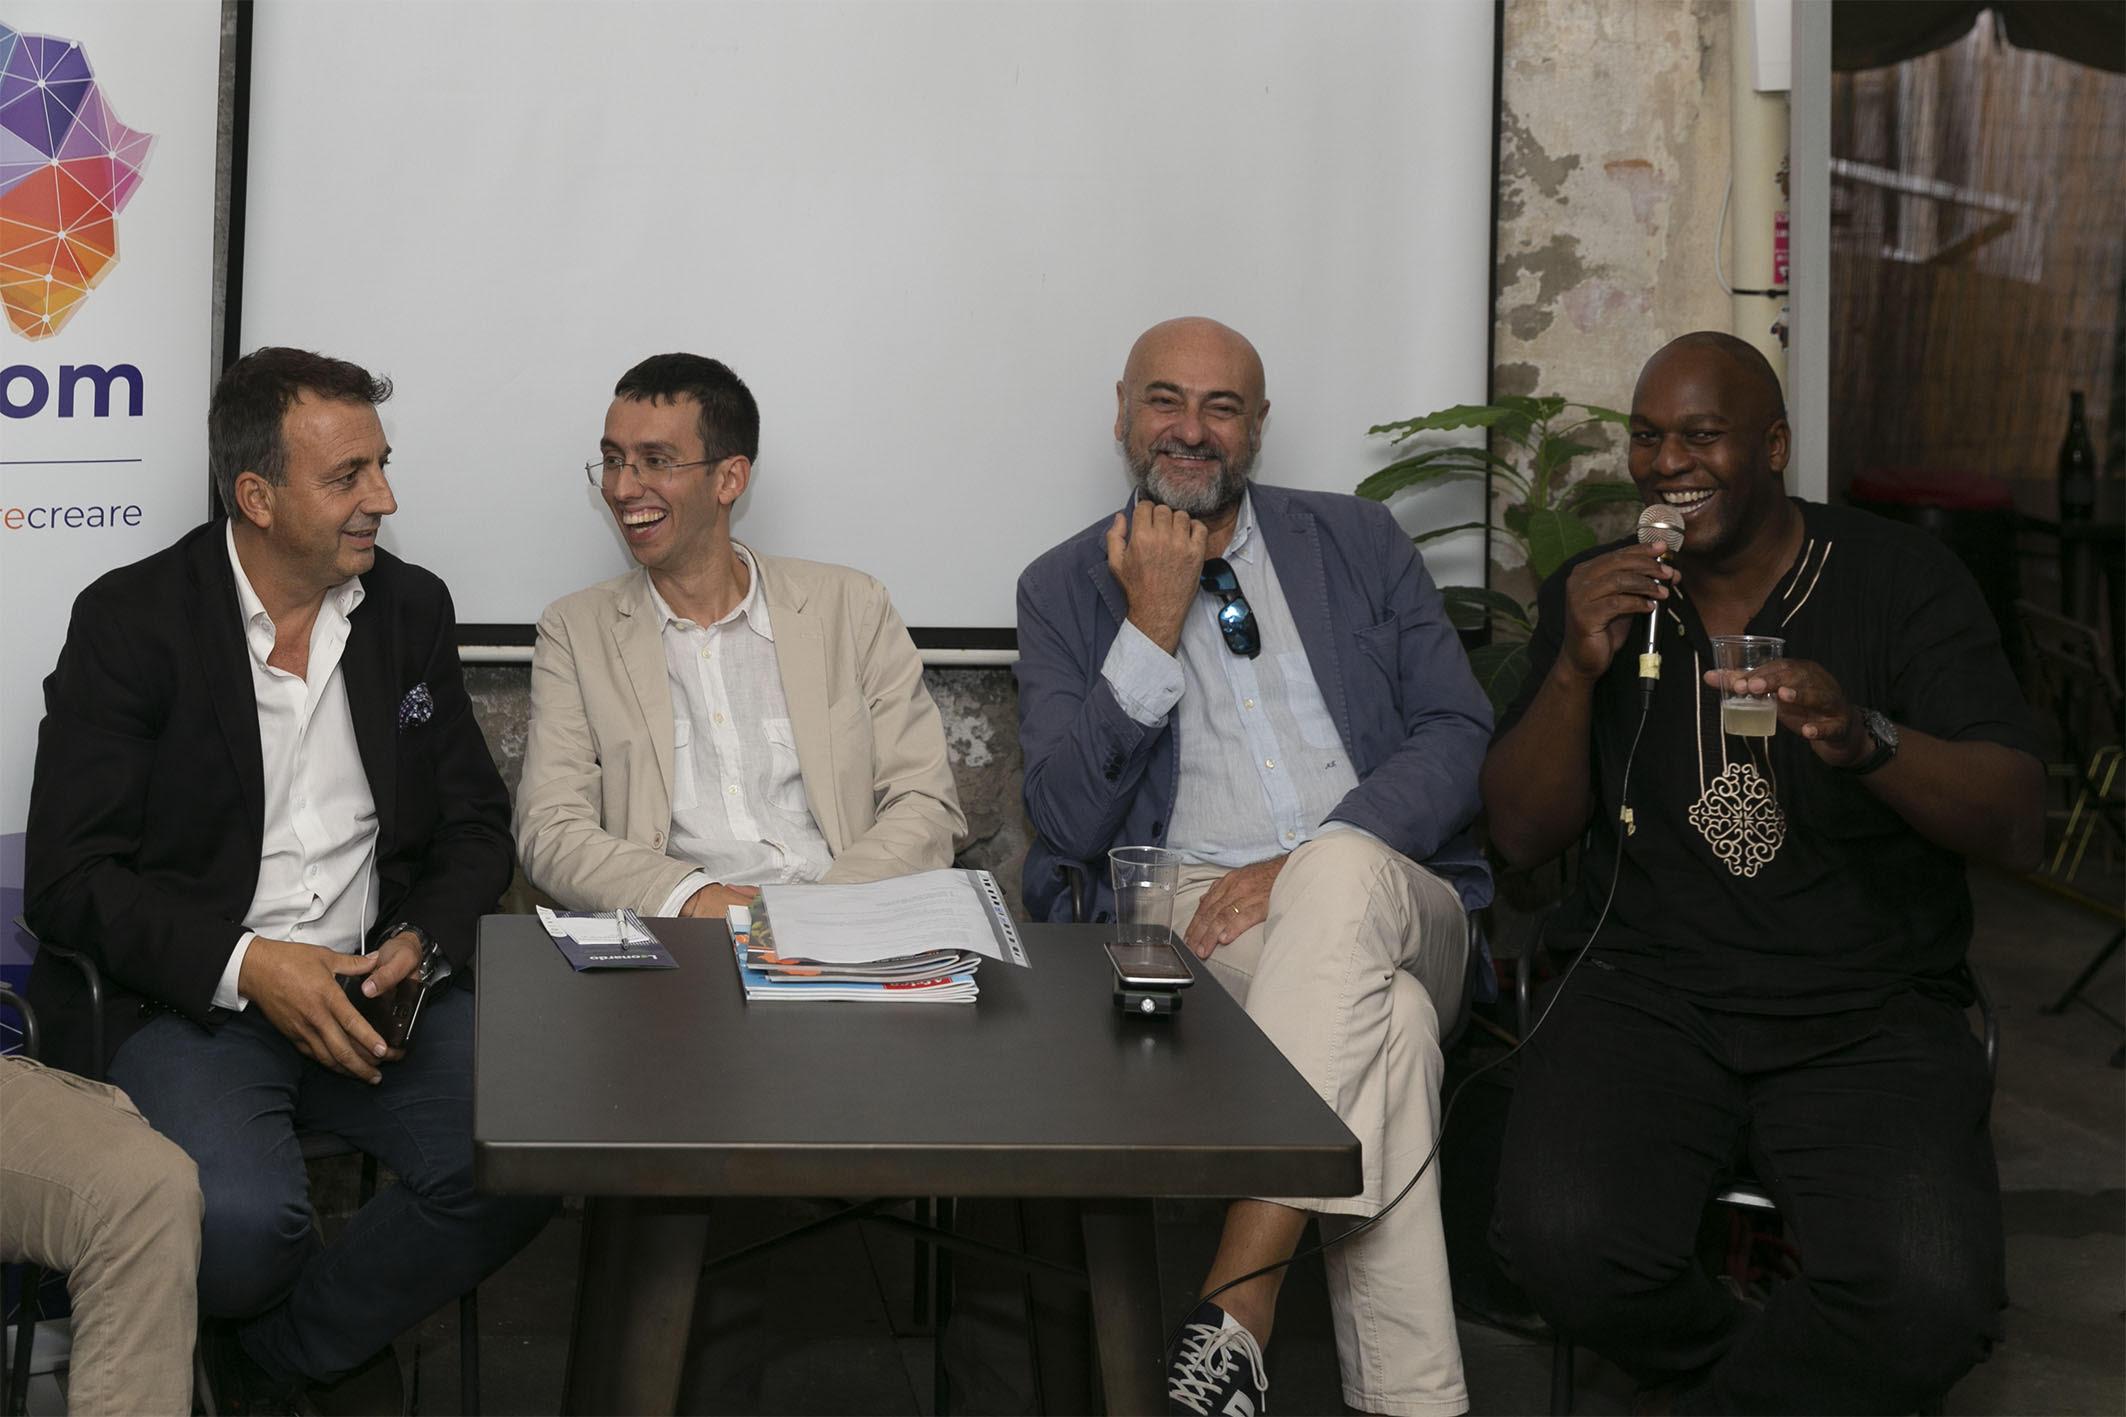 ViA Meetup Firenze